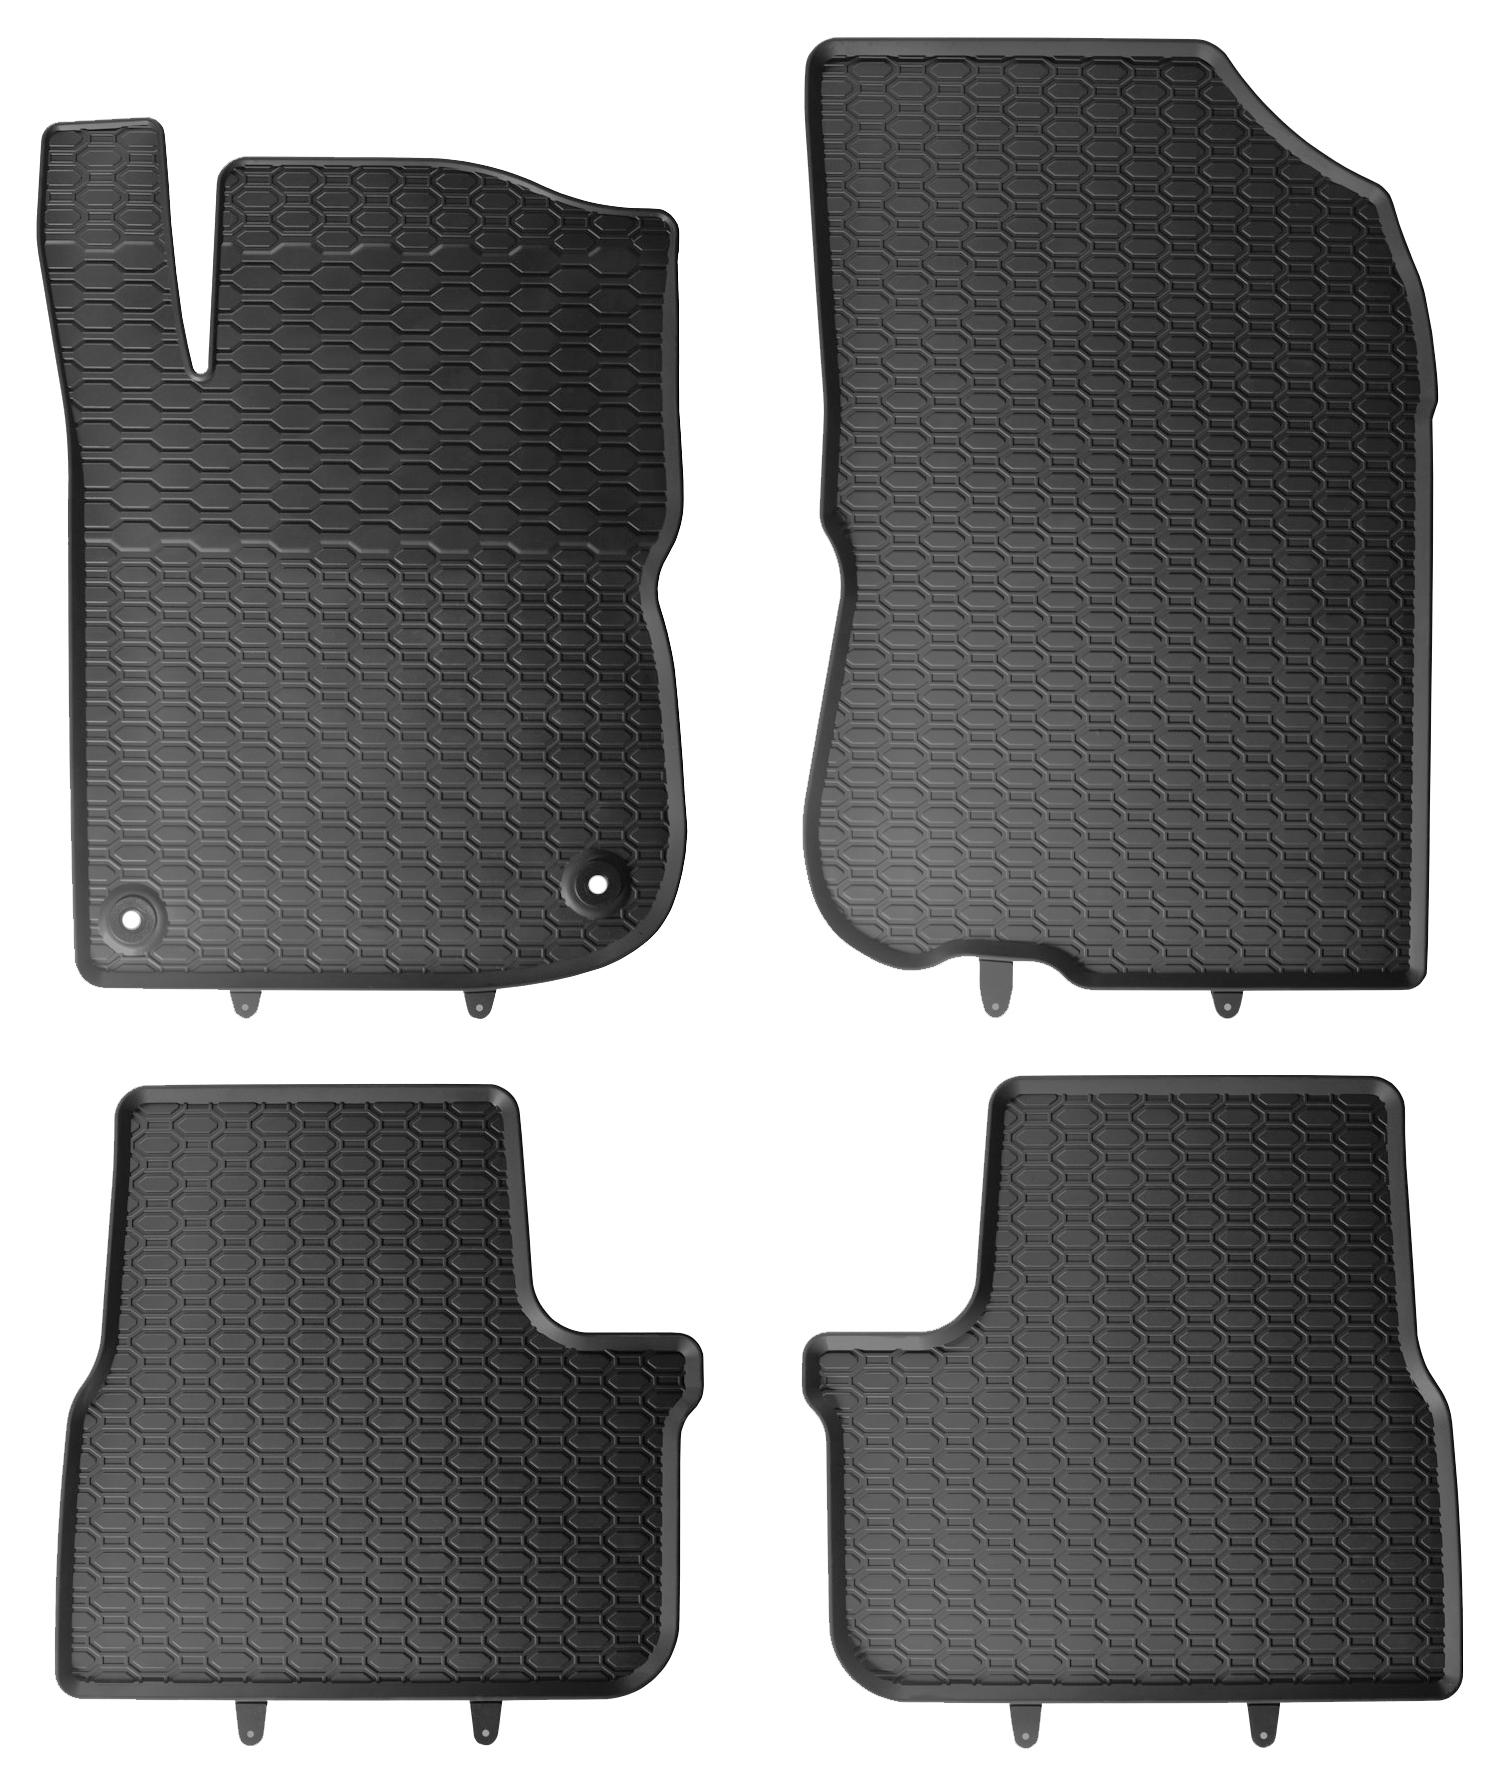 GTI 2012-2019 Original Qualität Gummimatten Gummi Fußmatten für Peugeot 208 A9